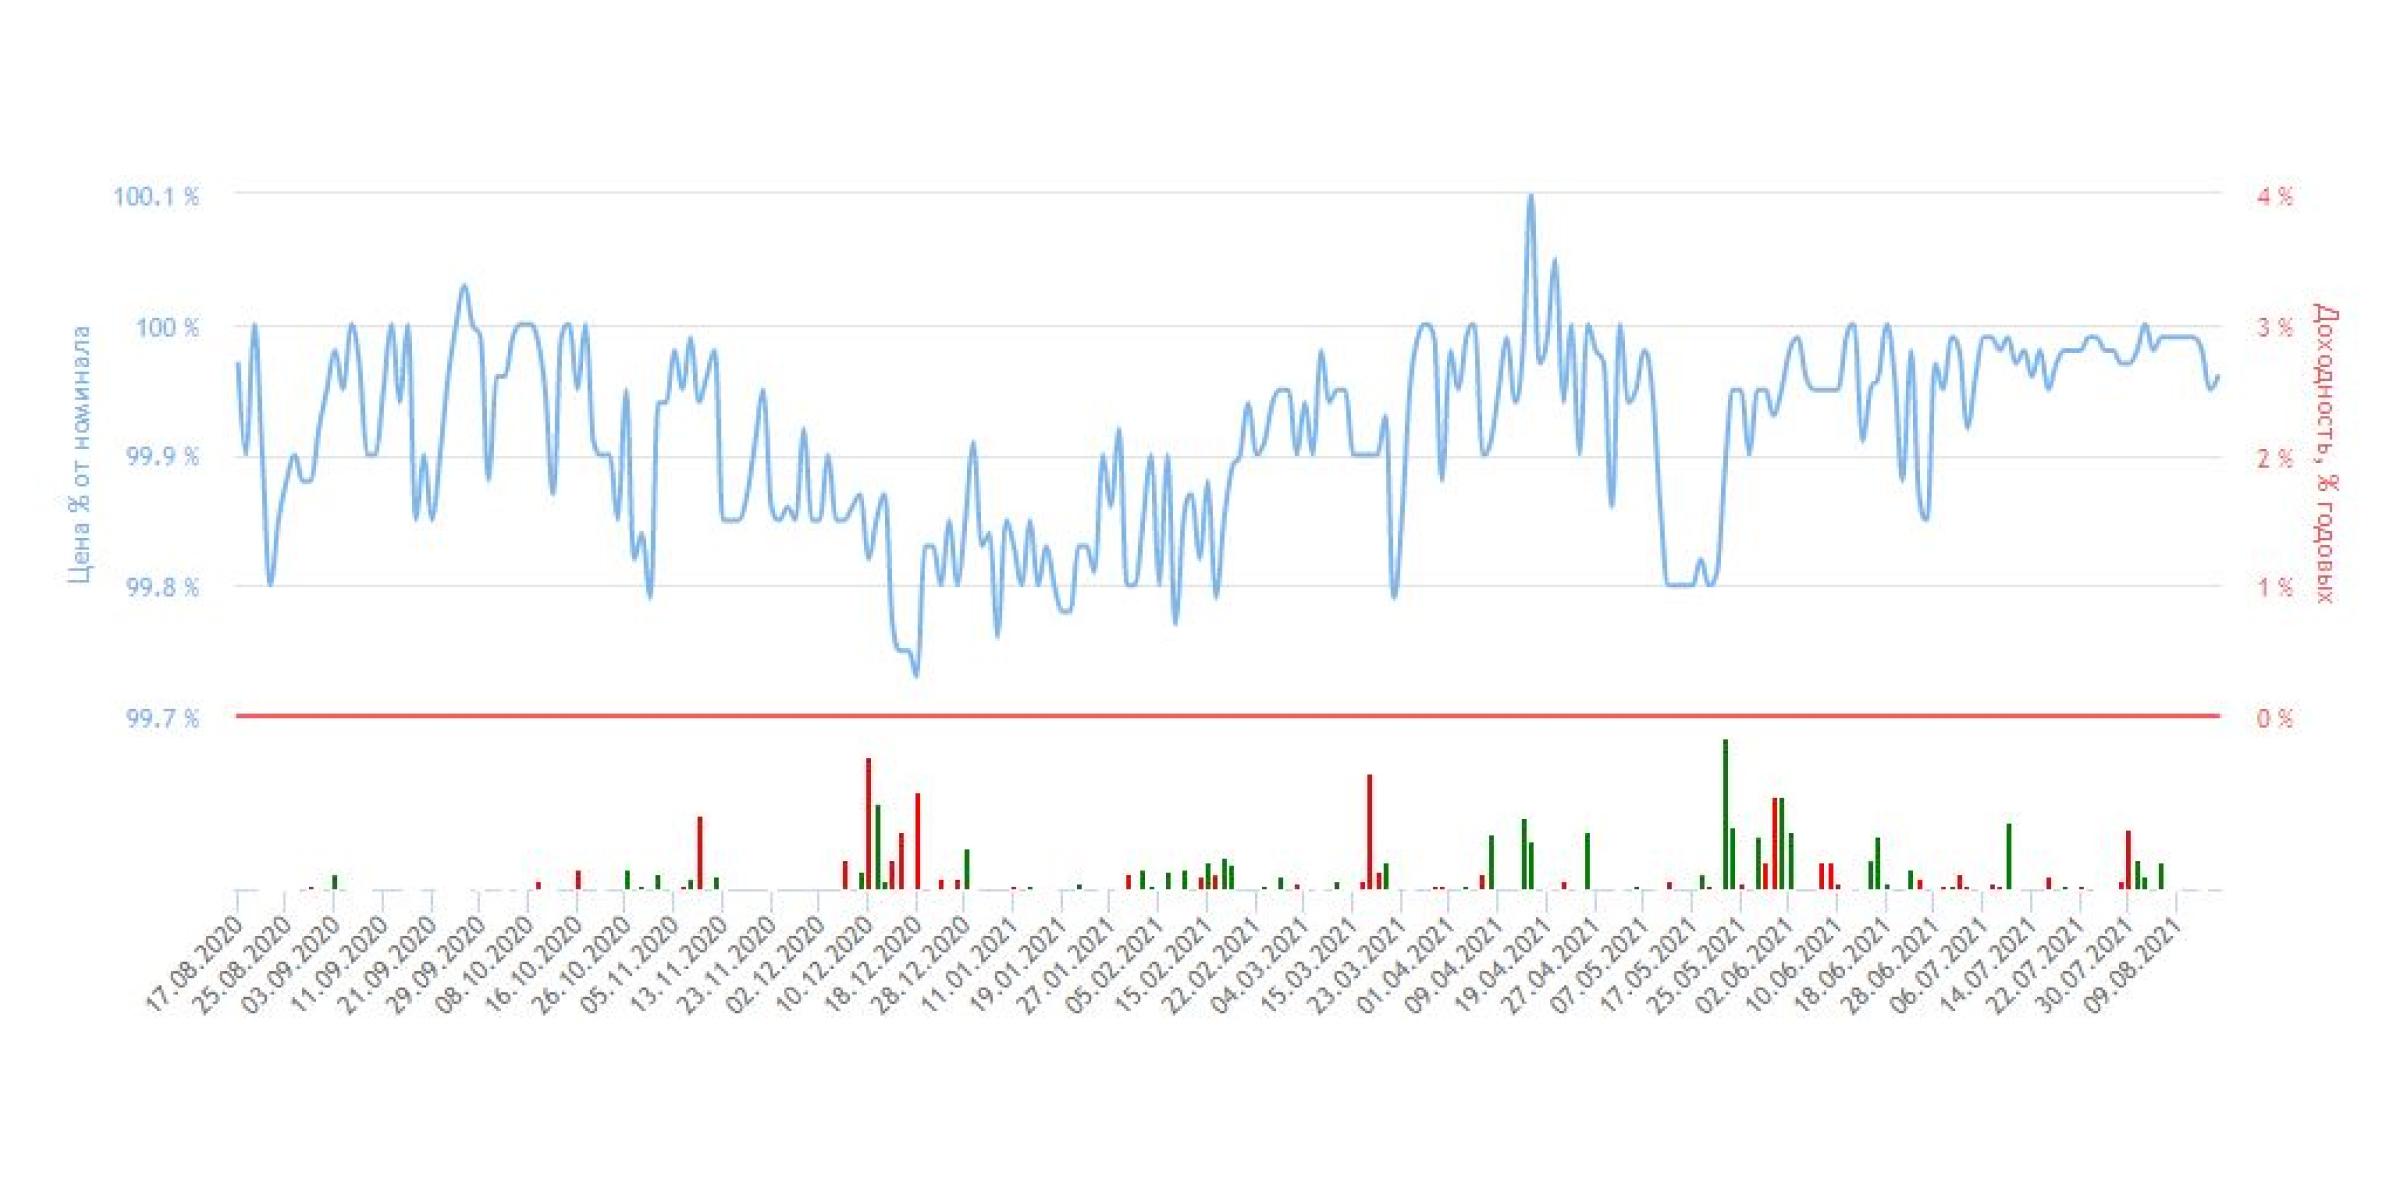 Синий график — колебания цены ОФЗ на бирже, в процентах от её номинала.